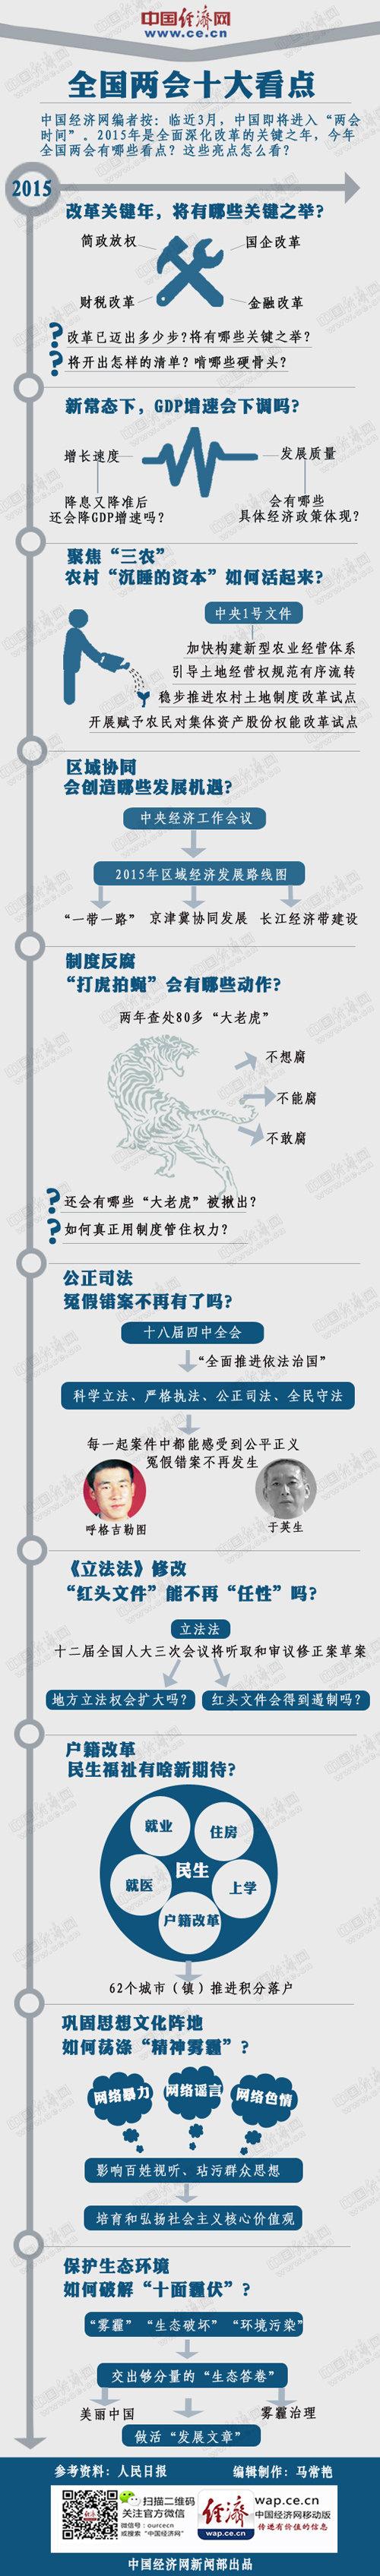 图解中国两会十大看点:民生福祉有哪些新期待?(图)_图1-1